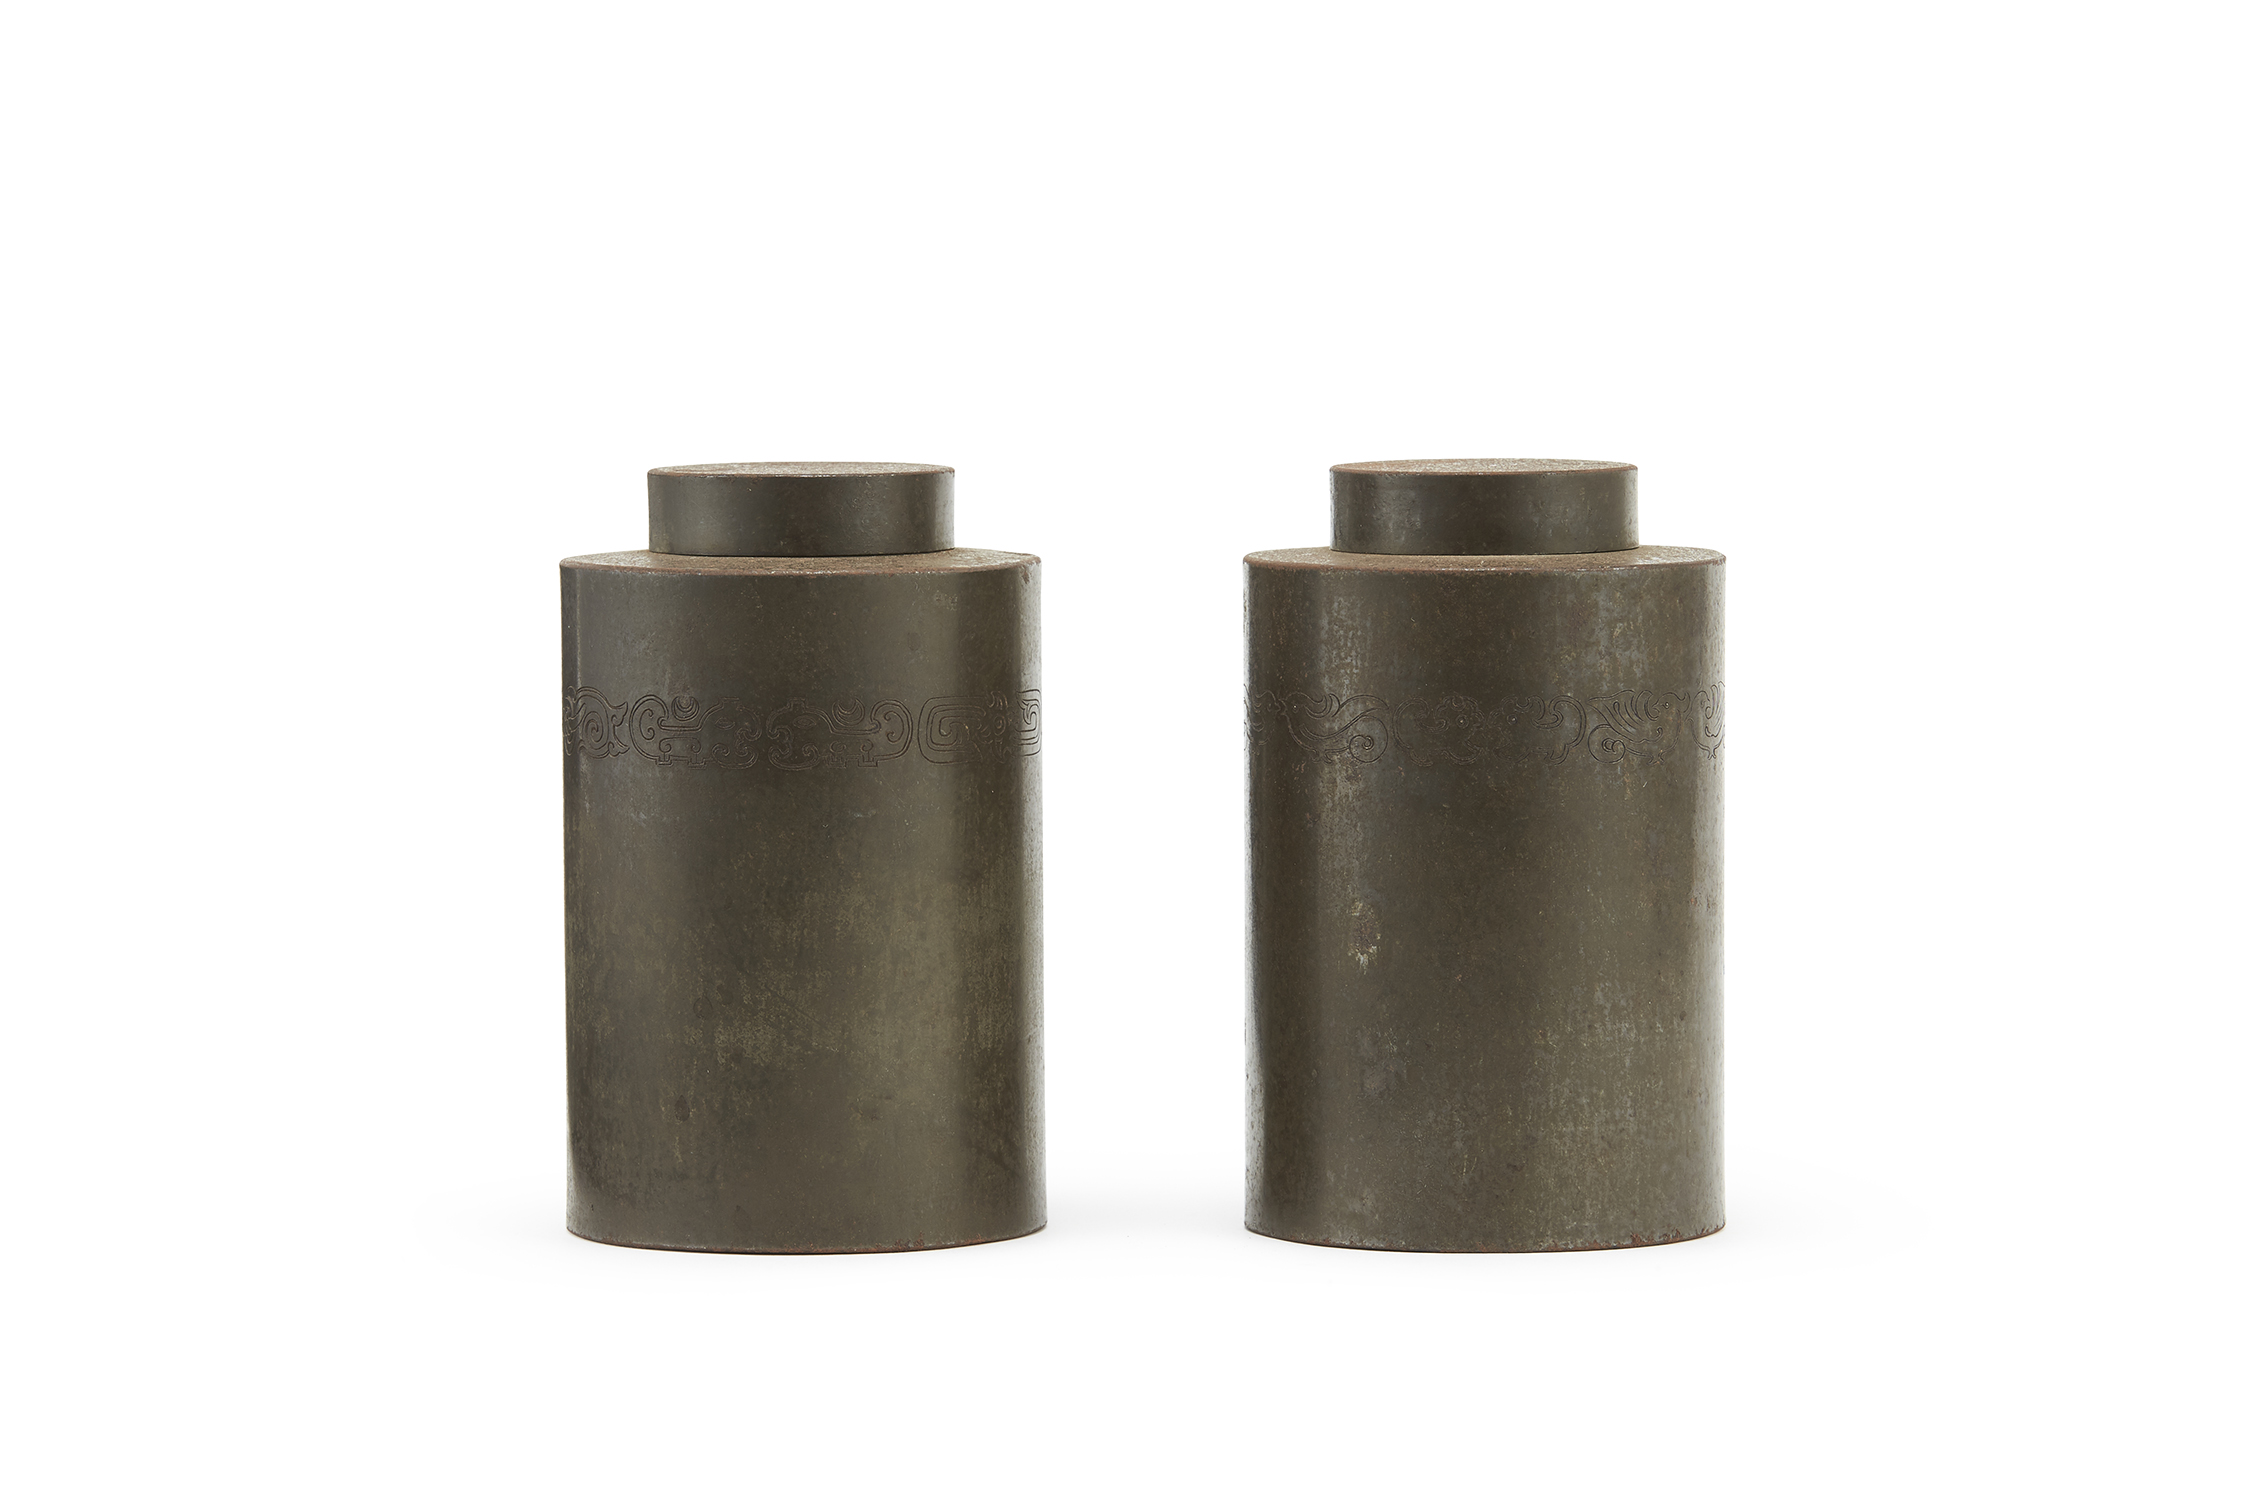 170776「南越古銕製」鉄打出 獣紋 茶缸 一対